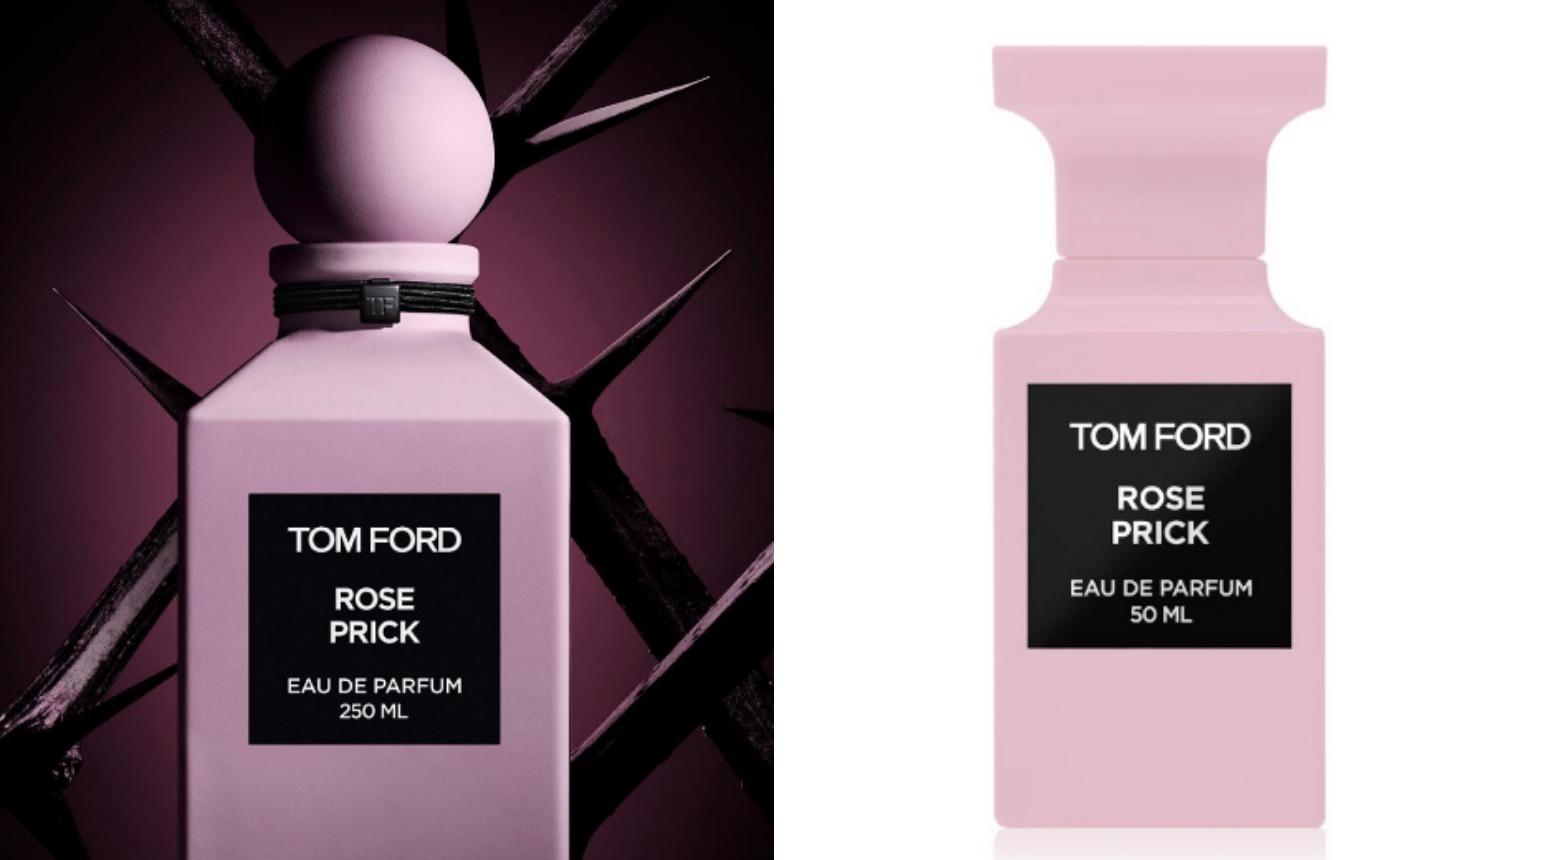 「TOM FORD 私人調香系列 禁忌玫瑰」,是一款具有多種玫瑰氛圍的香調,也是令人想要駕馭的玫瑰香調